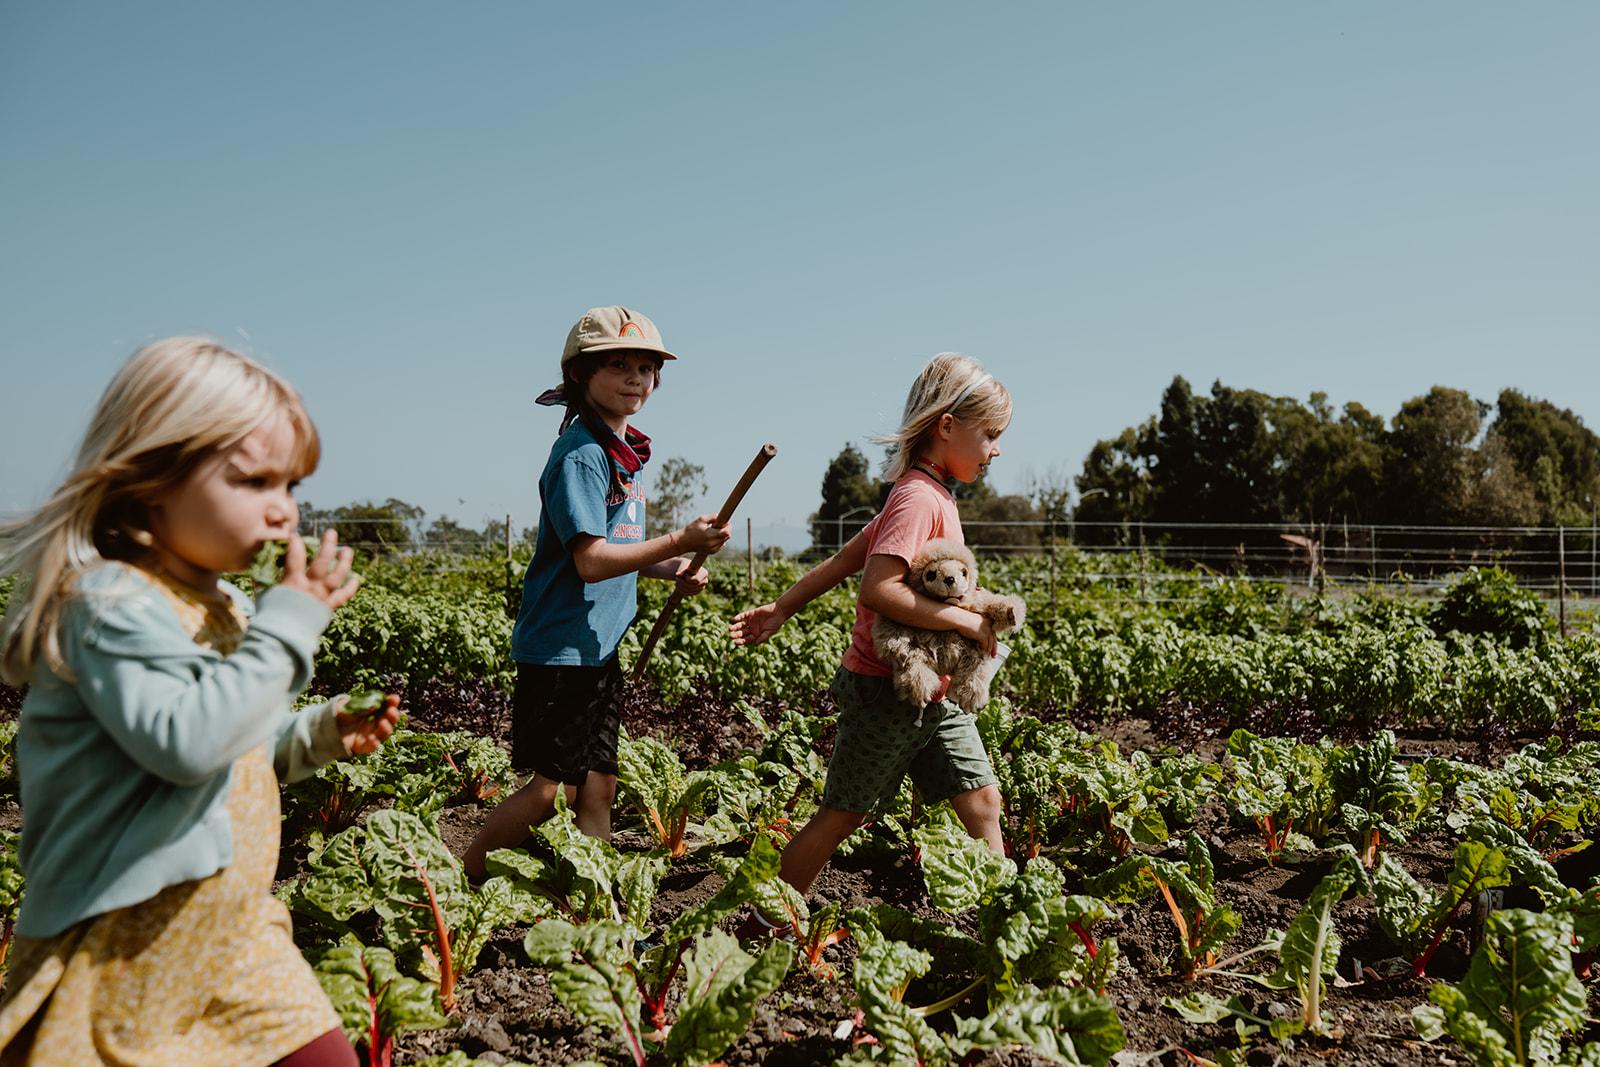 Children walking through field